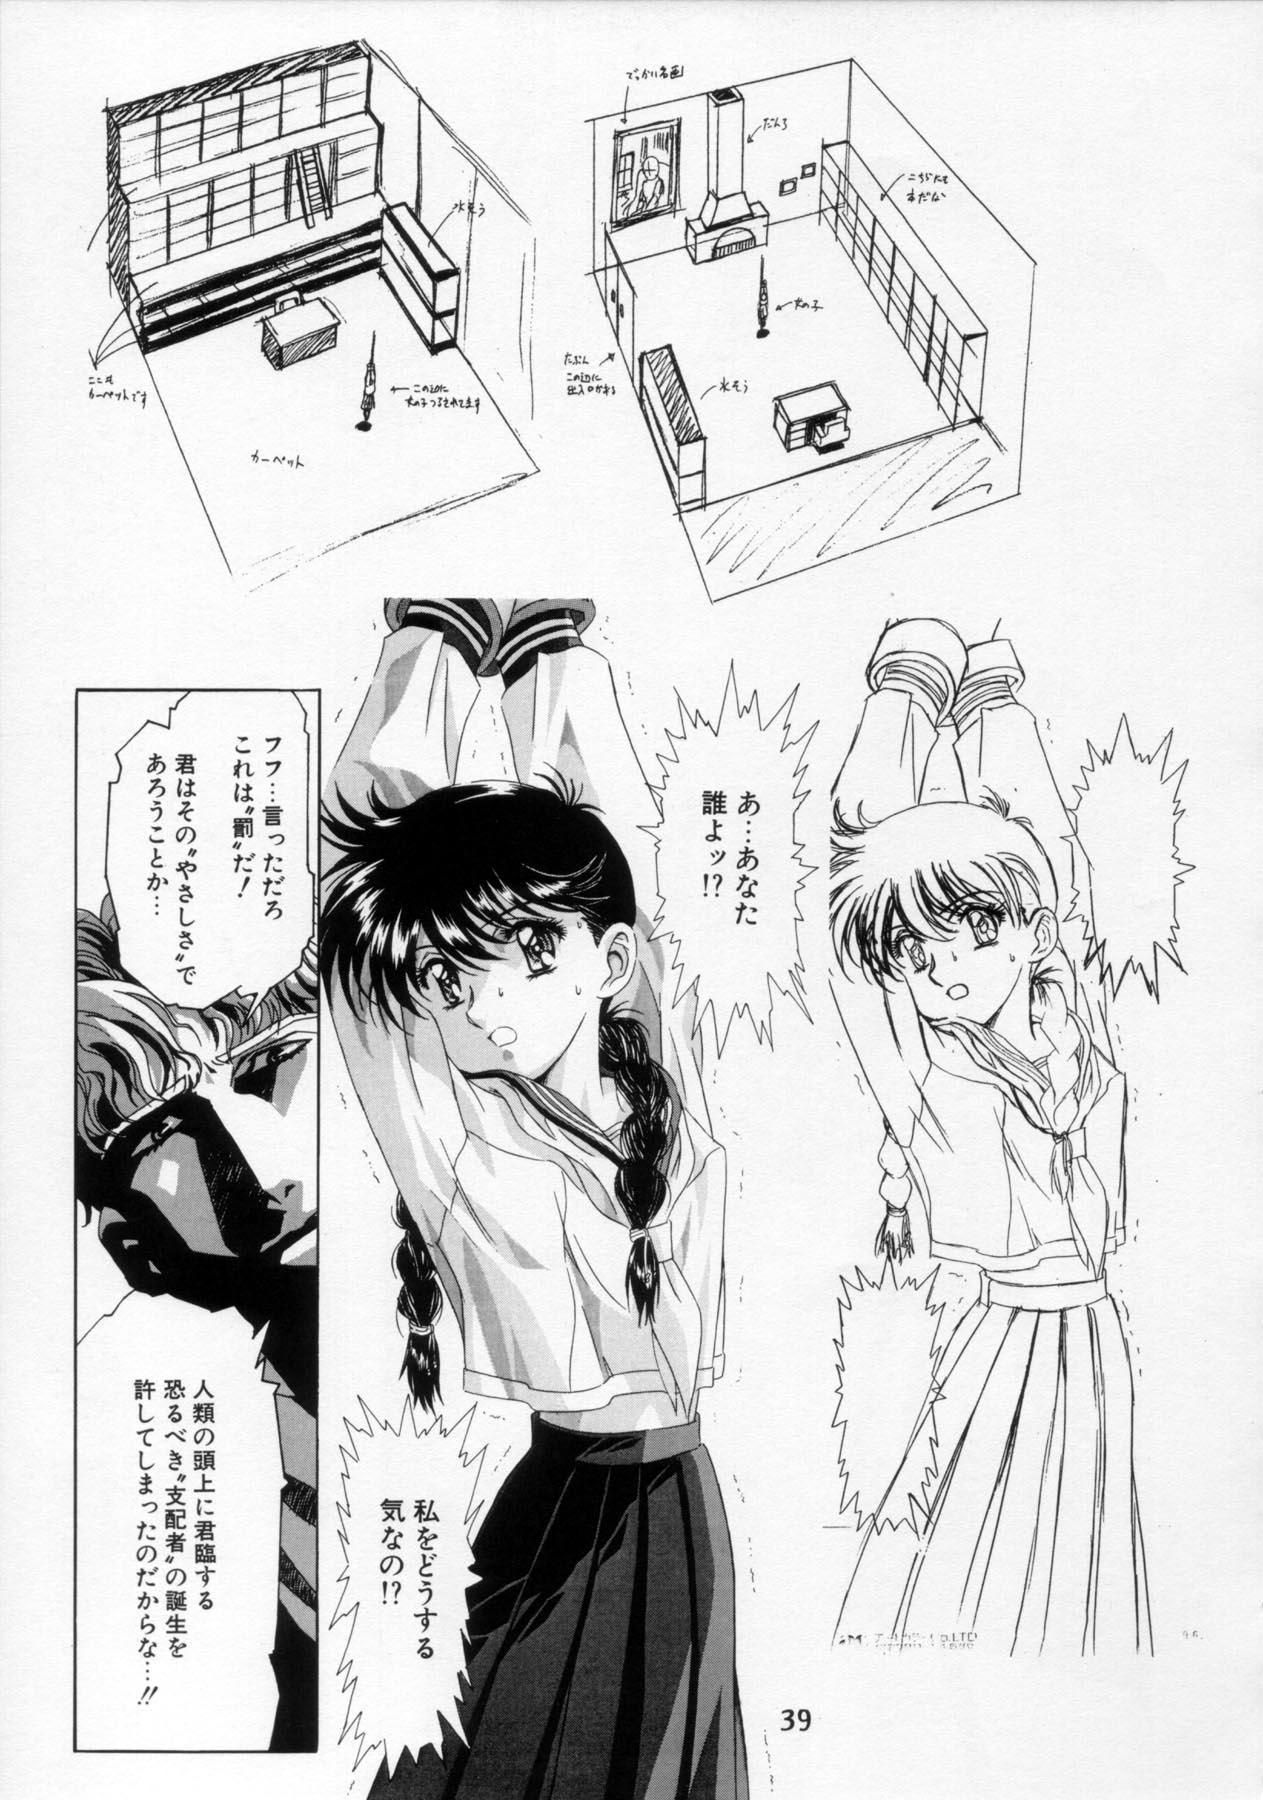 Henreikai '98 Natsu SPECIAL 39